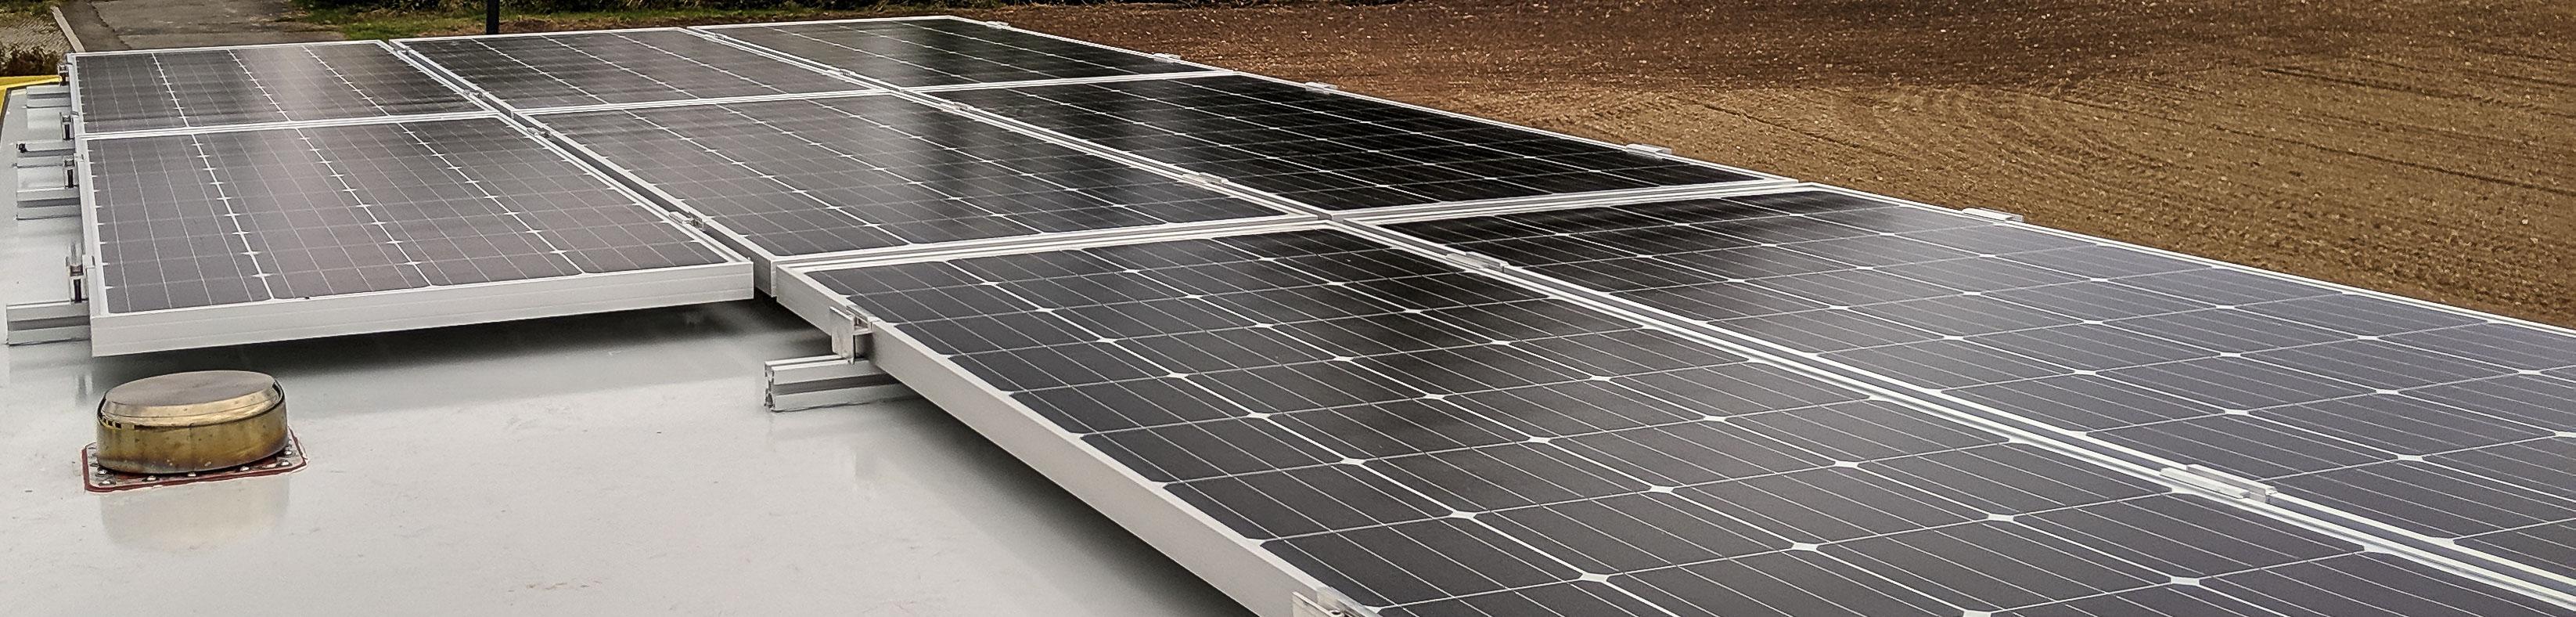 Stromversorgung im Wohnmobil, autark mit Solaranlage und Wohnmobilbatterie